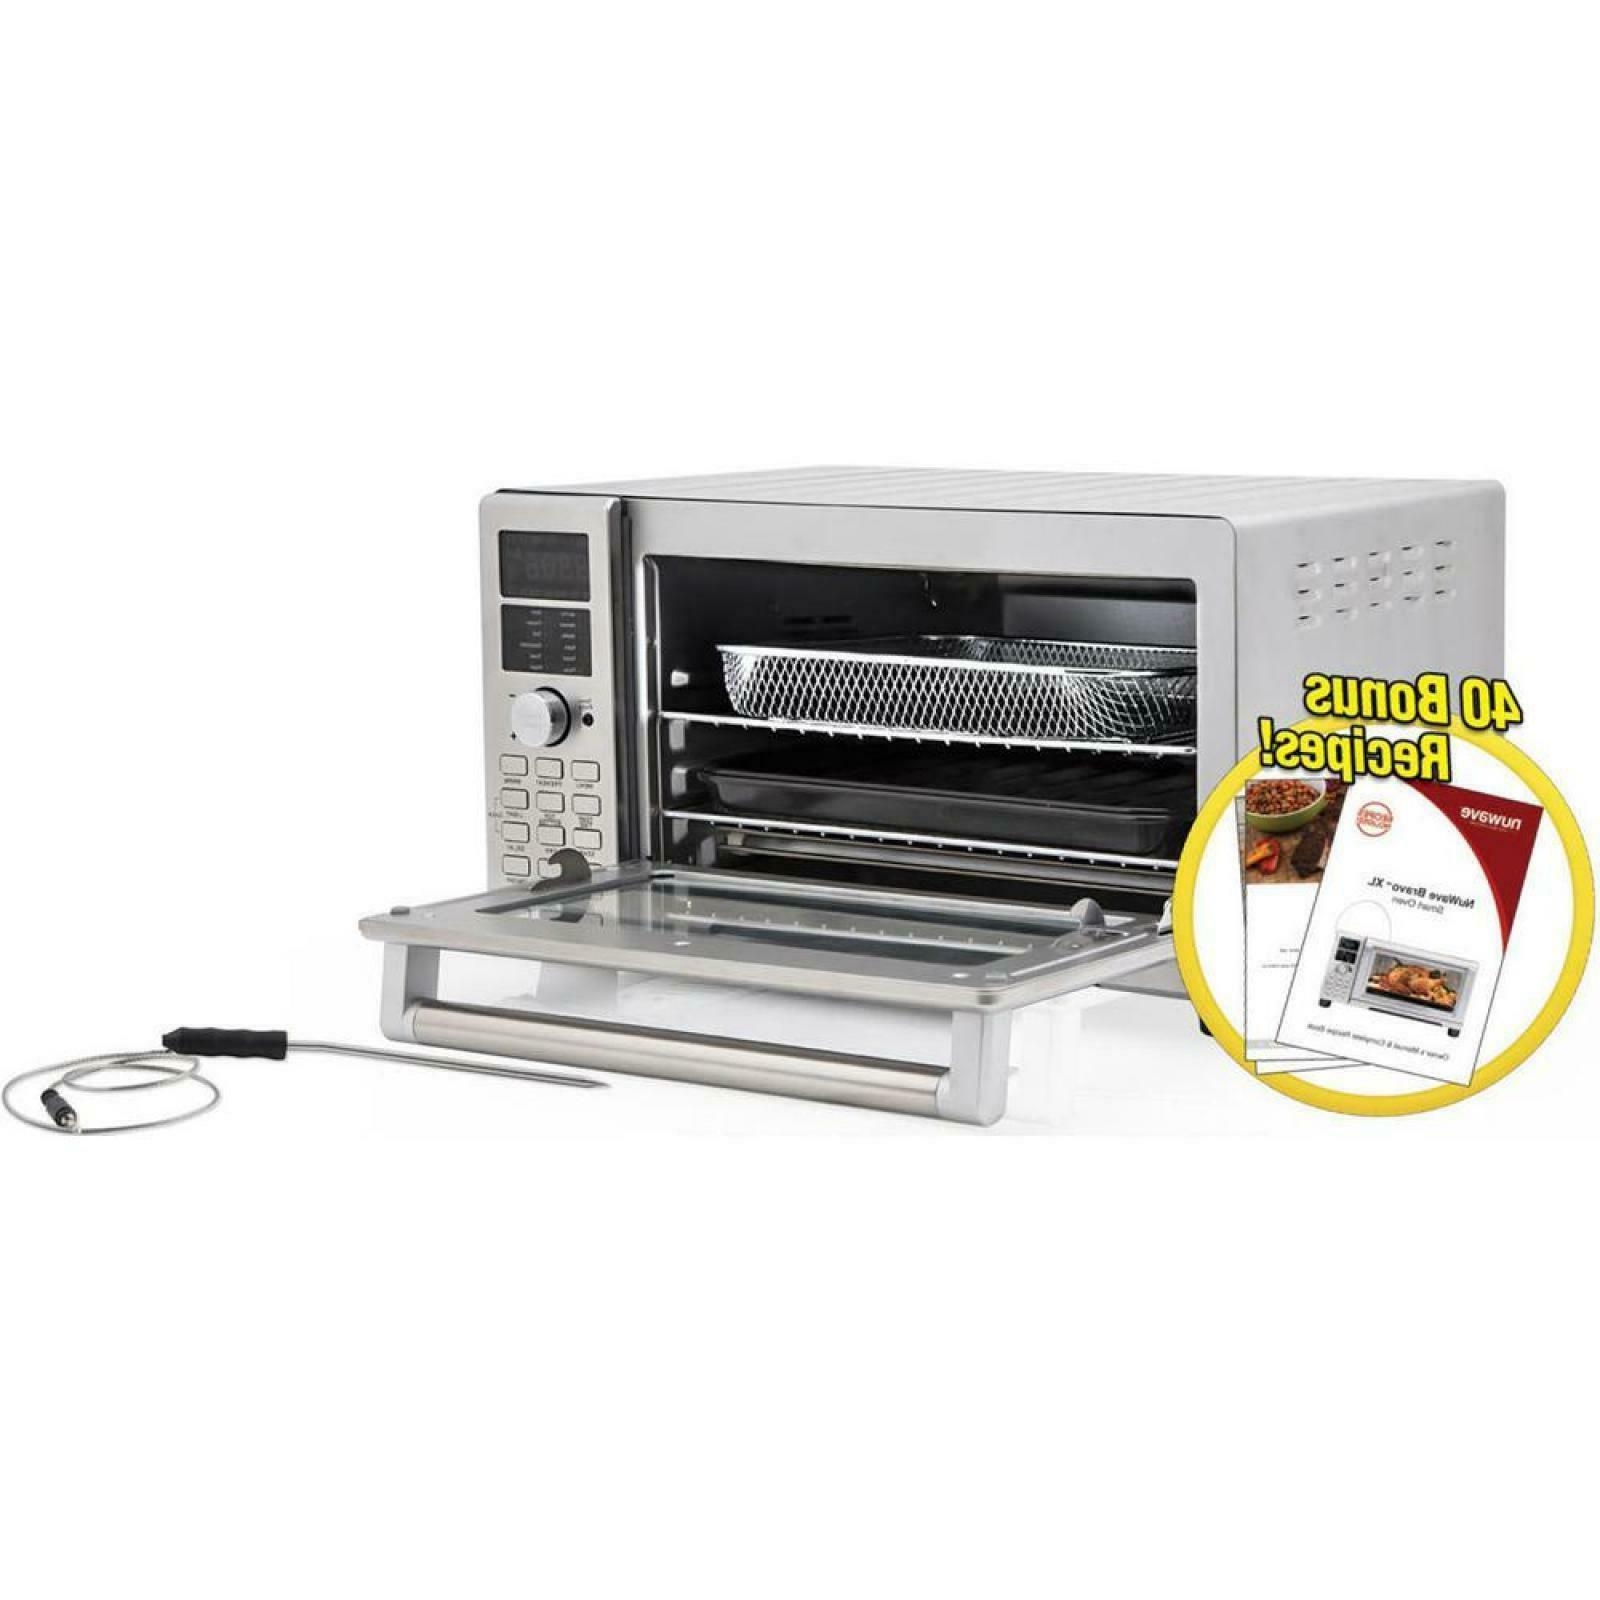 Bravo W 4Slice Toaster Controls